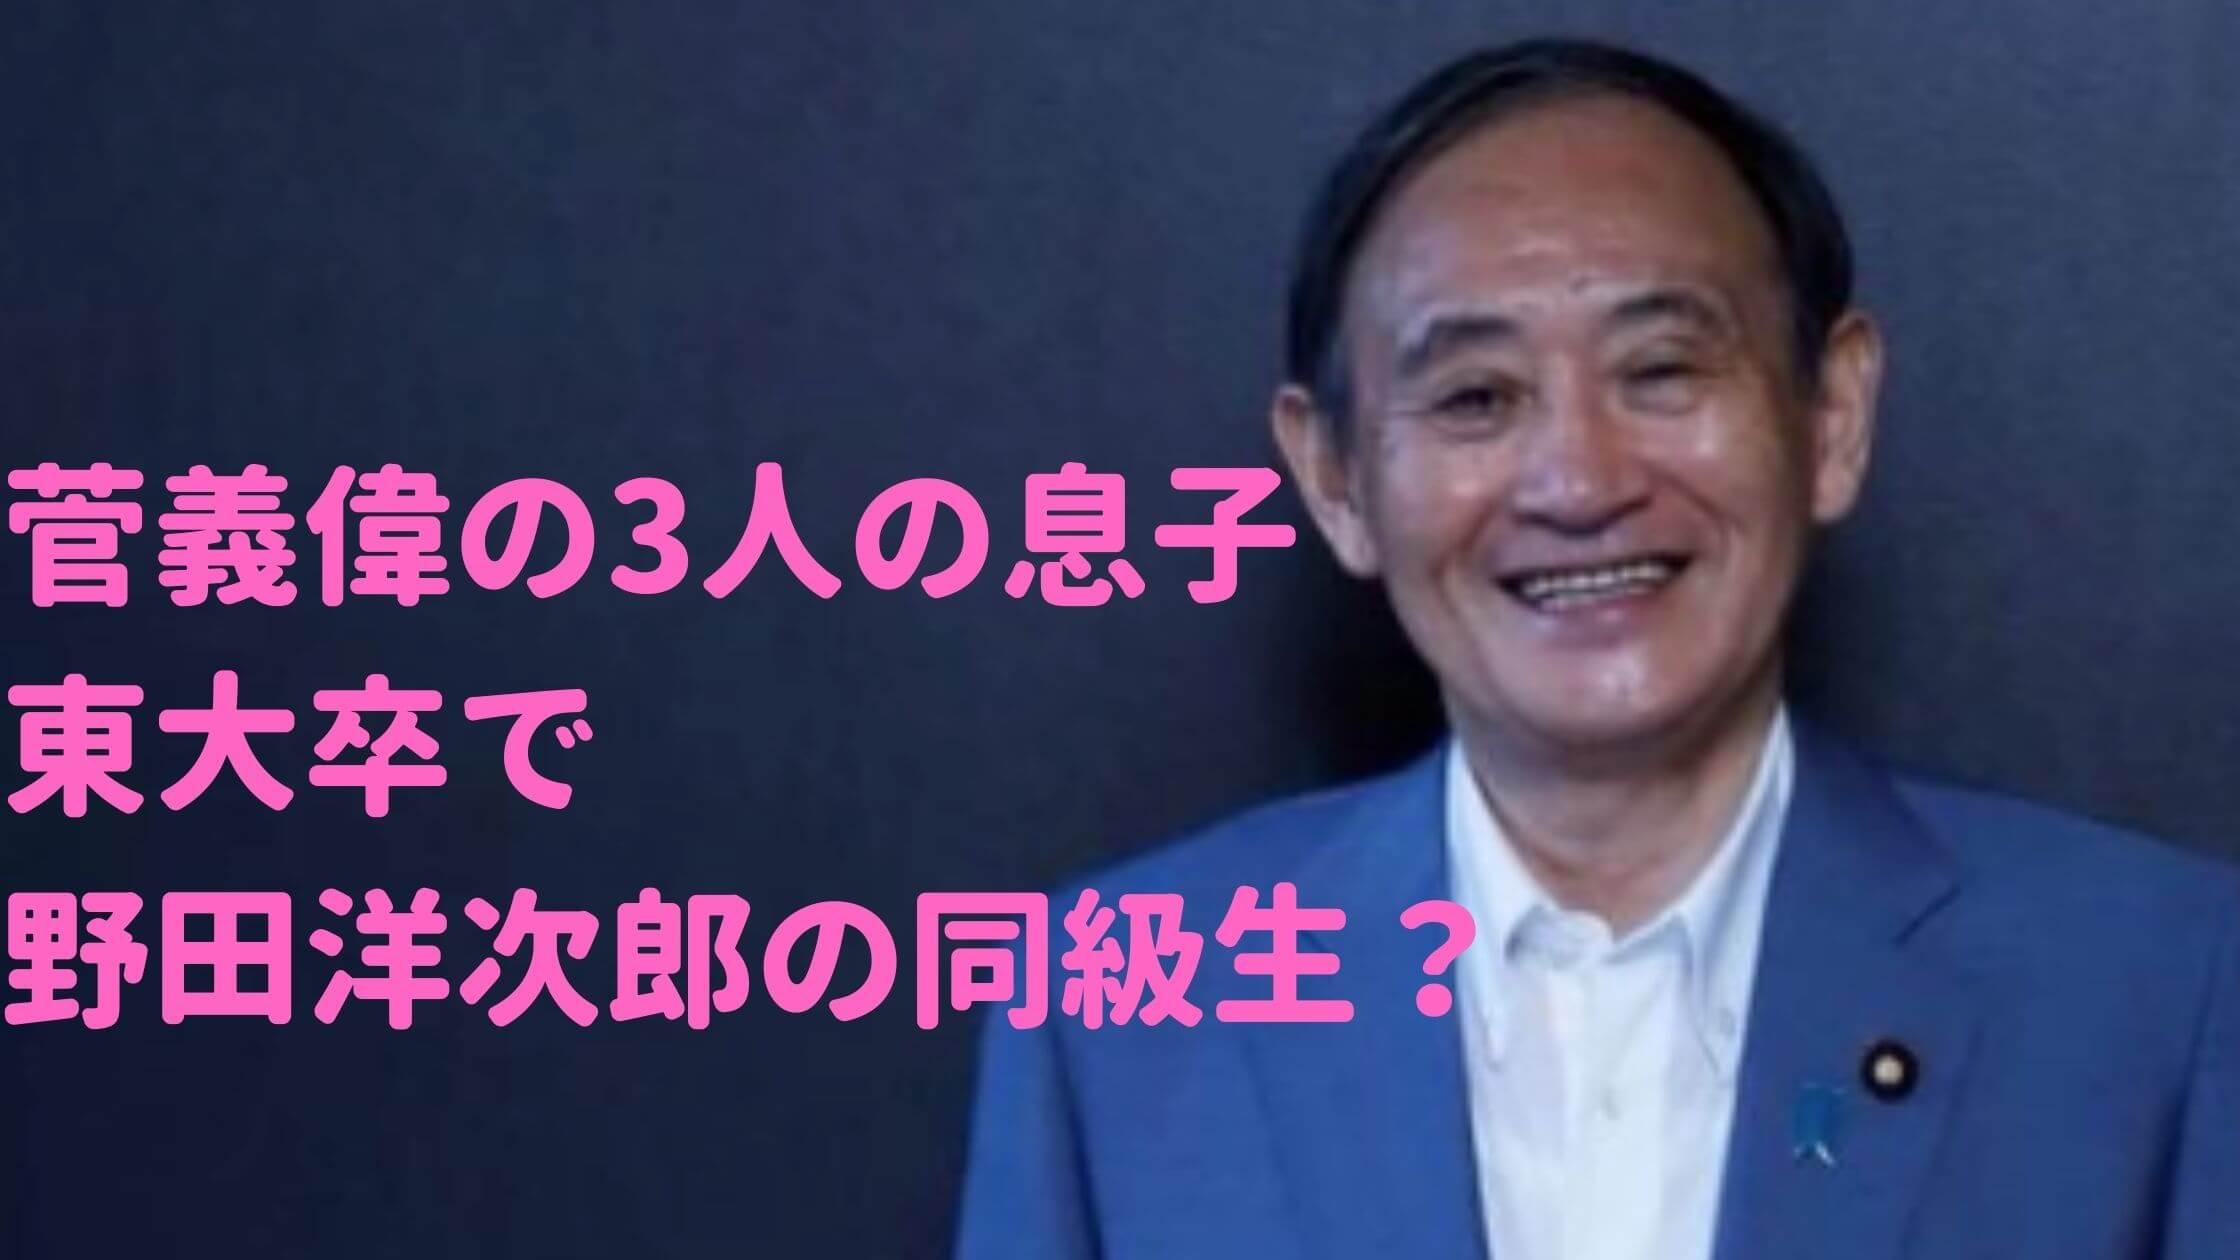 菅義偉 息子 子ども 顔画像 年齢 学歴 職業